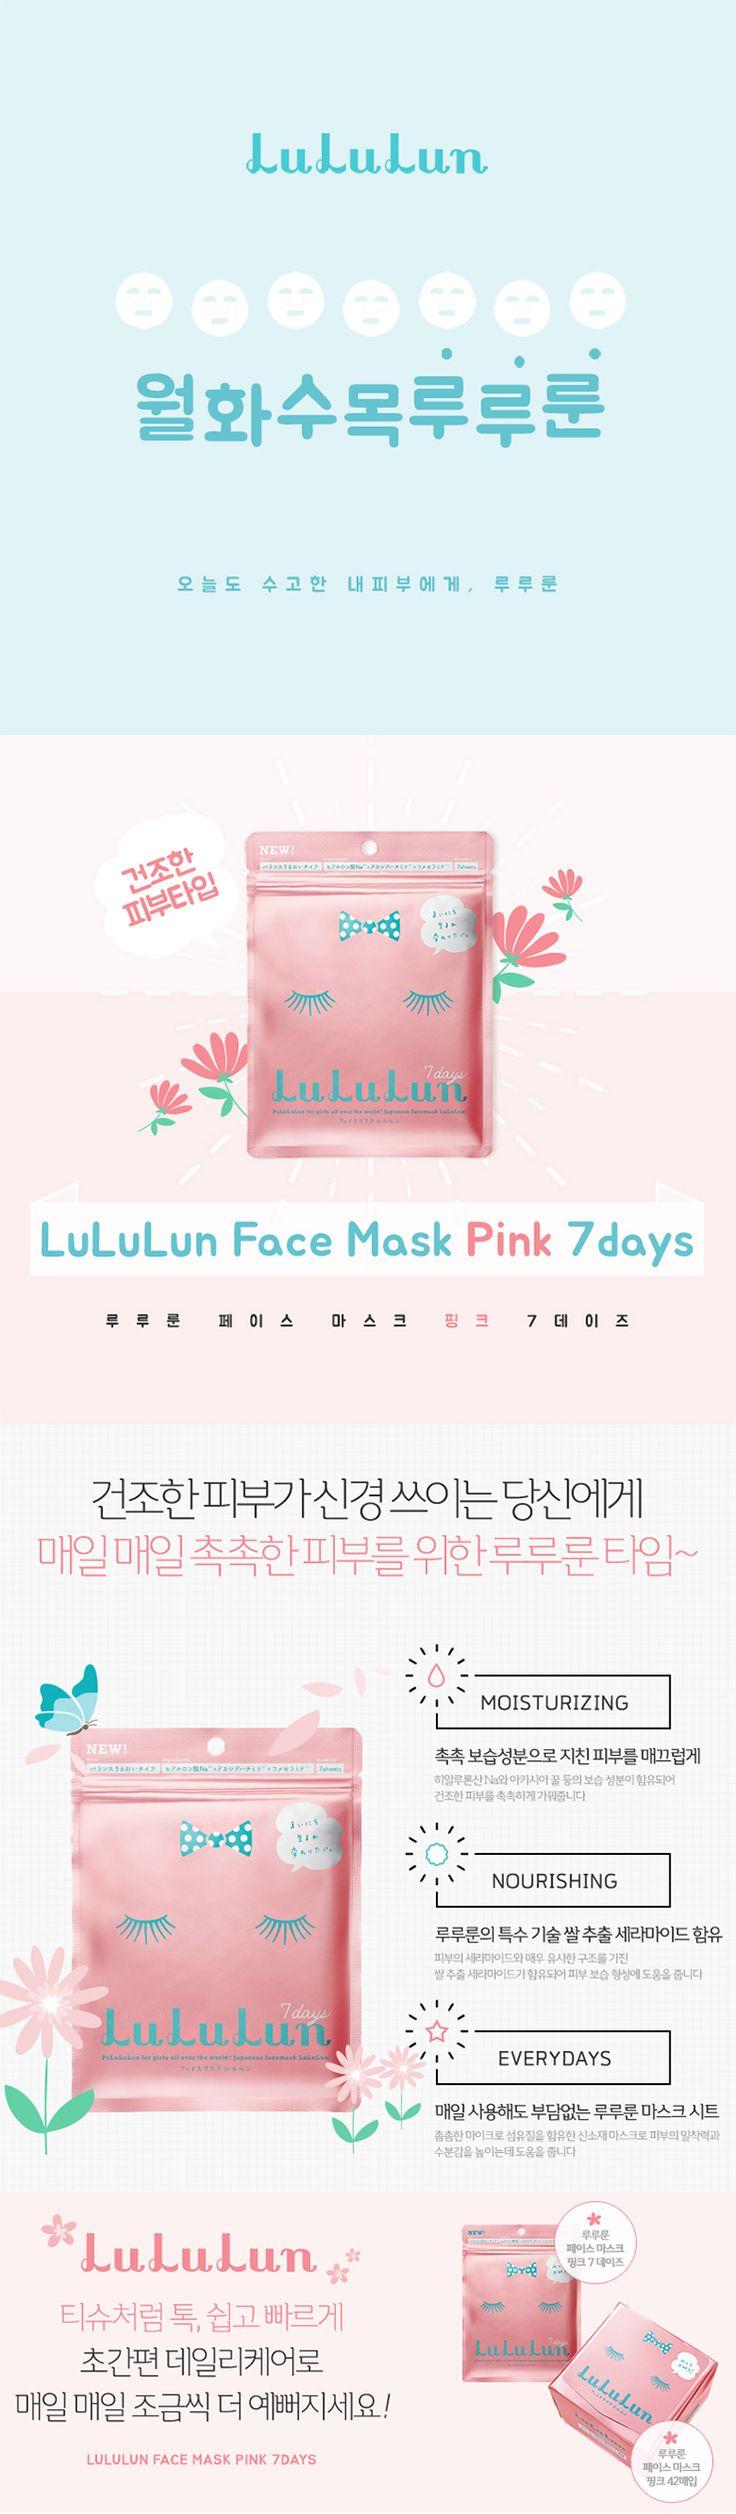 루루룬 페이스 마스크 핑크 7데이즈 | OLIVE YOUNG